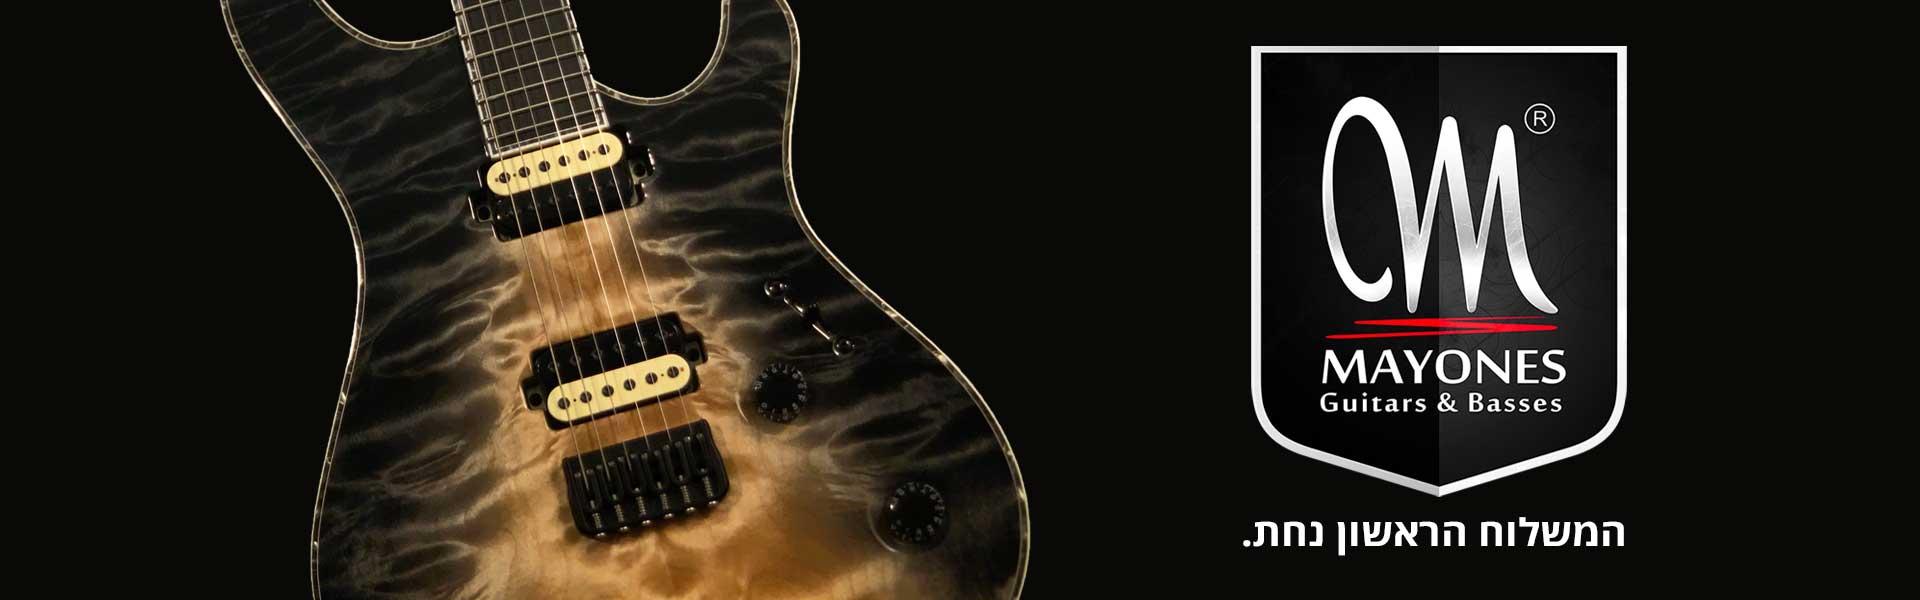 באנר משלוח ראשון גיטרות חשמליות ובס Mayones